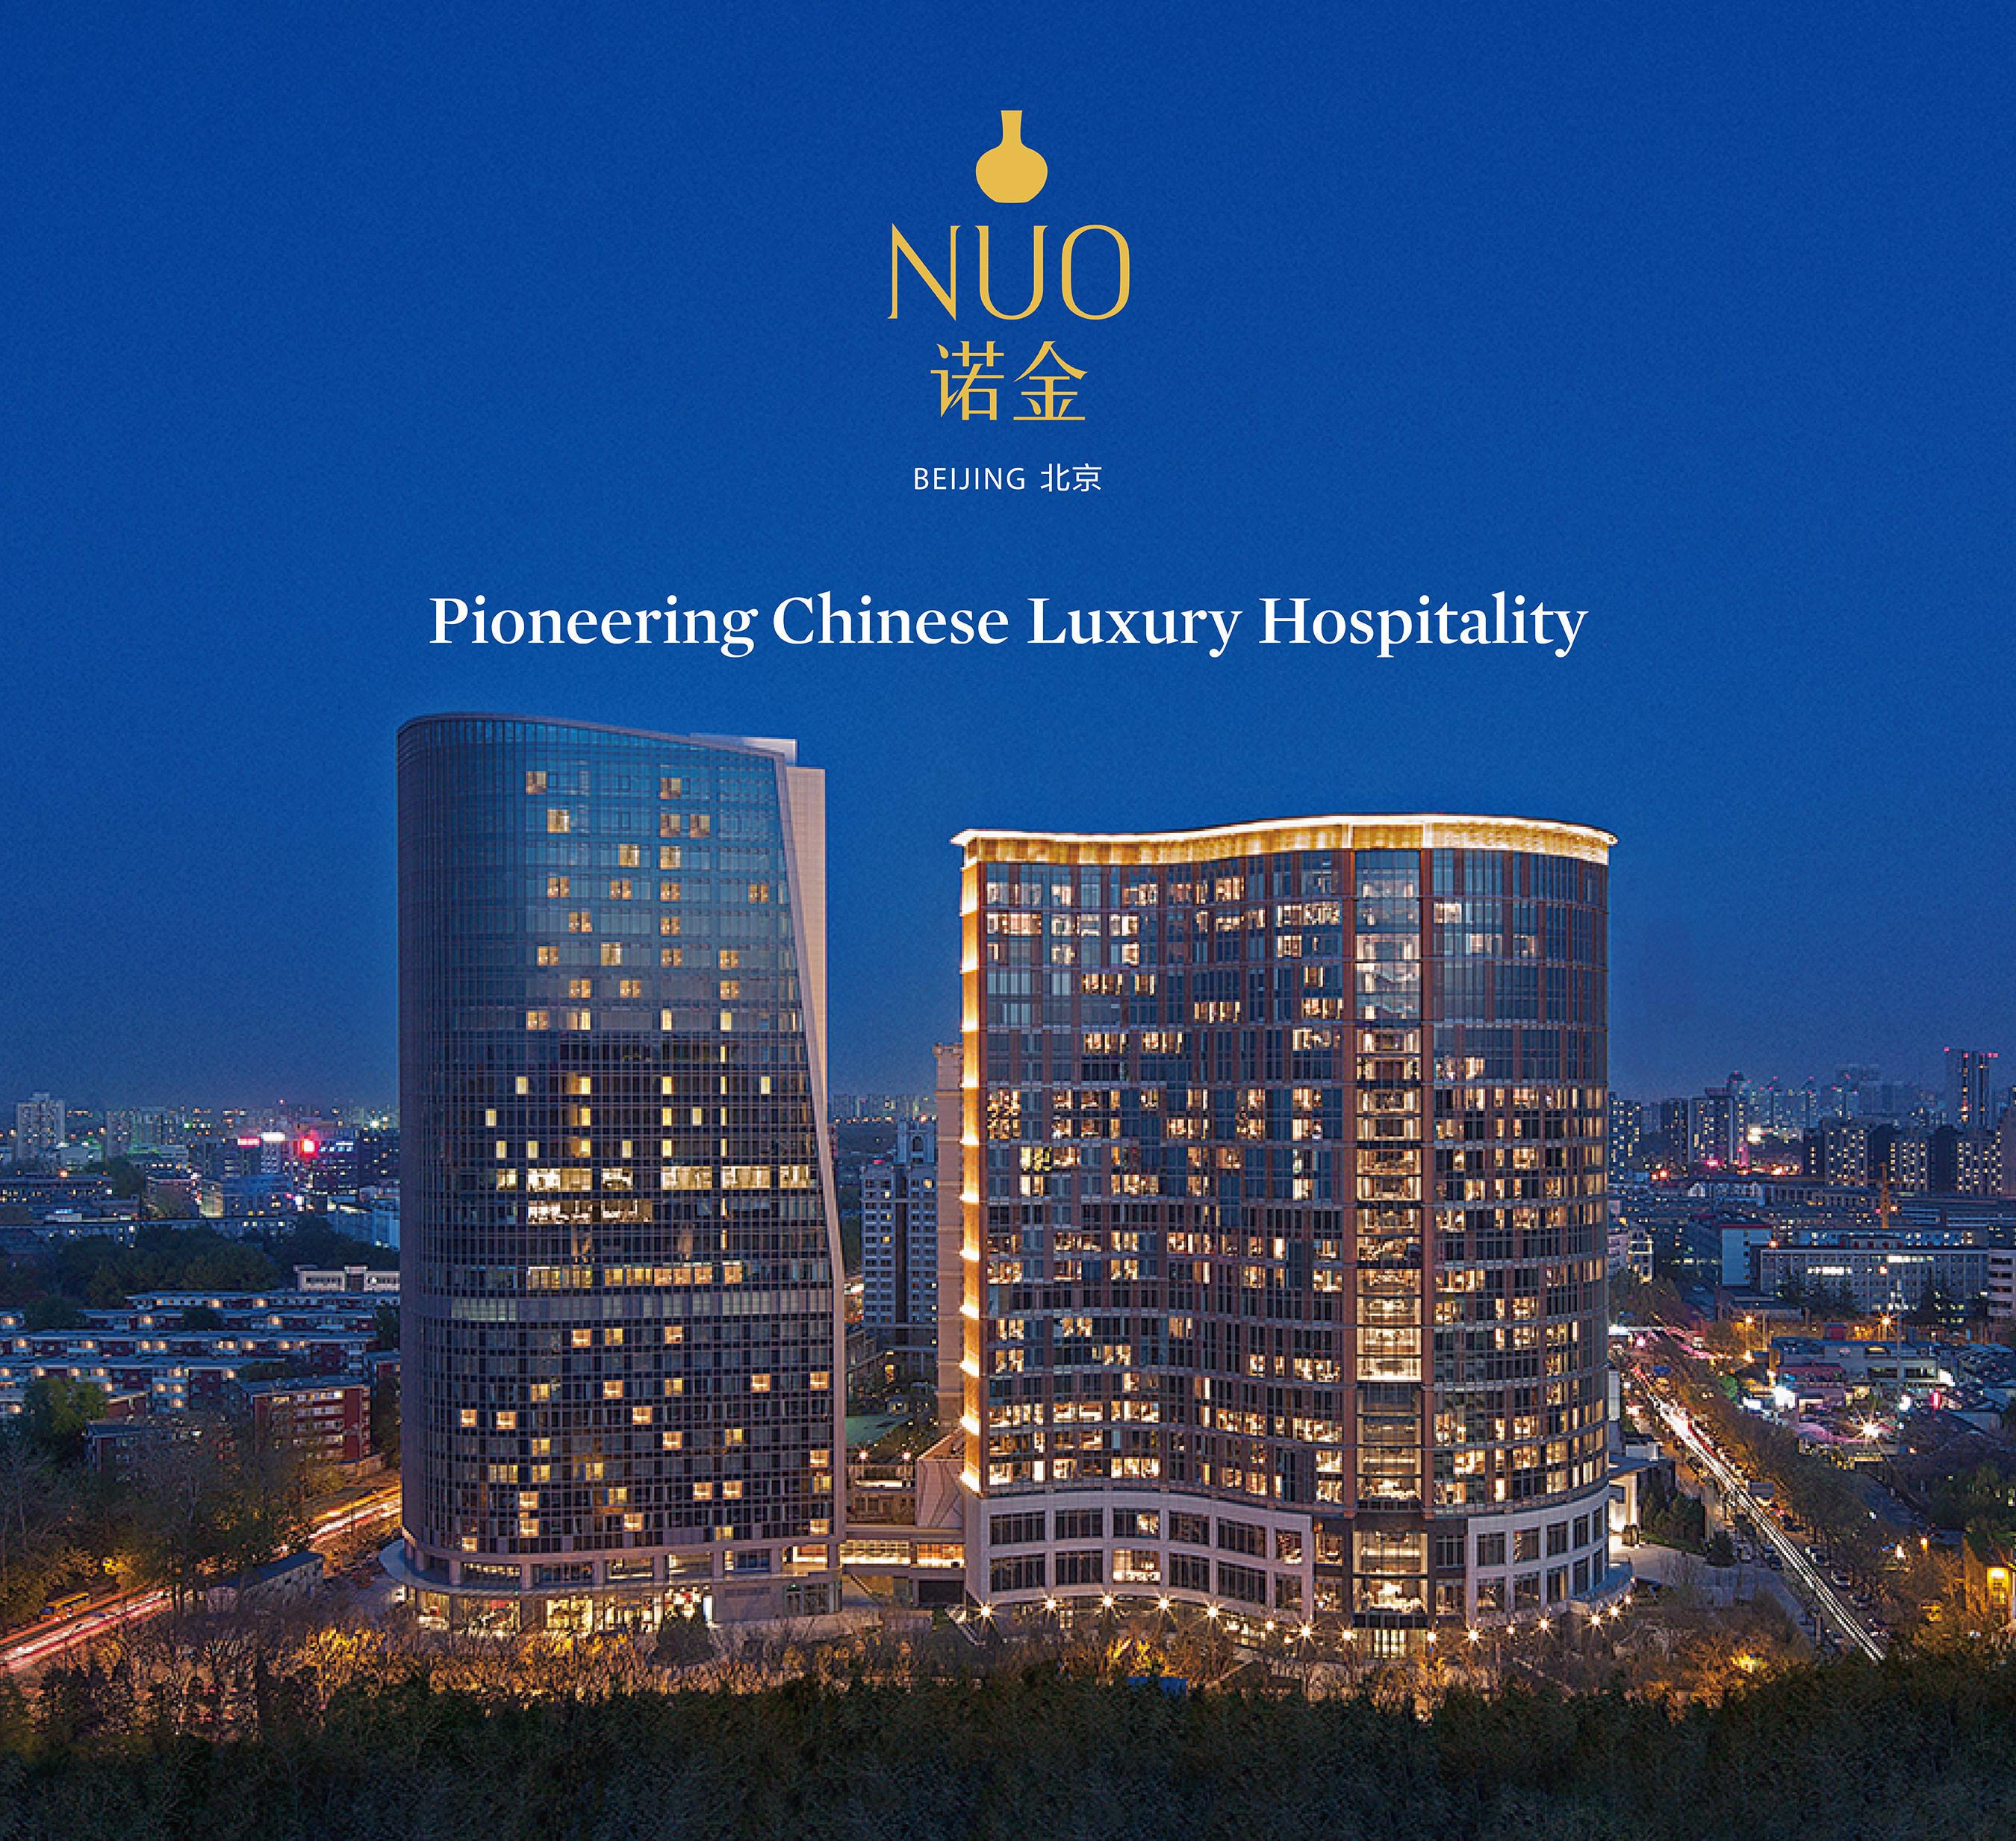 La capital de China da la bienvenida al primer NUO Hotel con diseño moderno Ming y arte